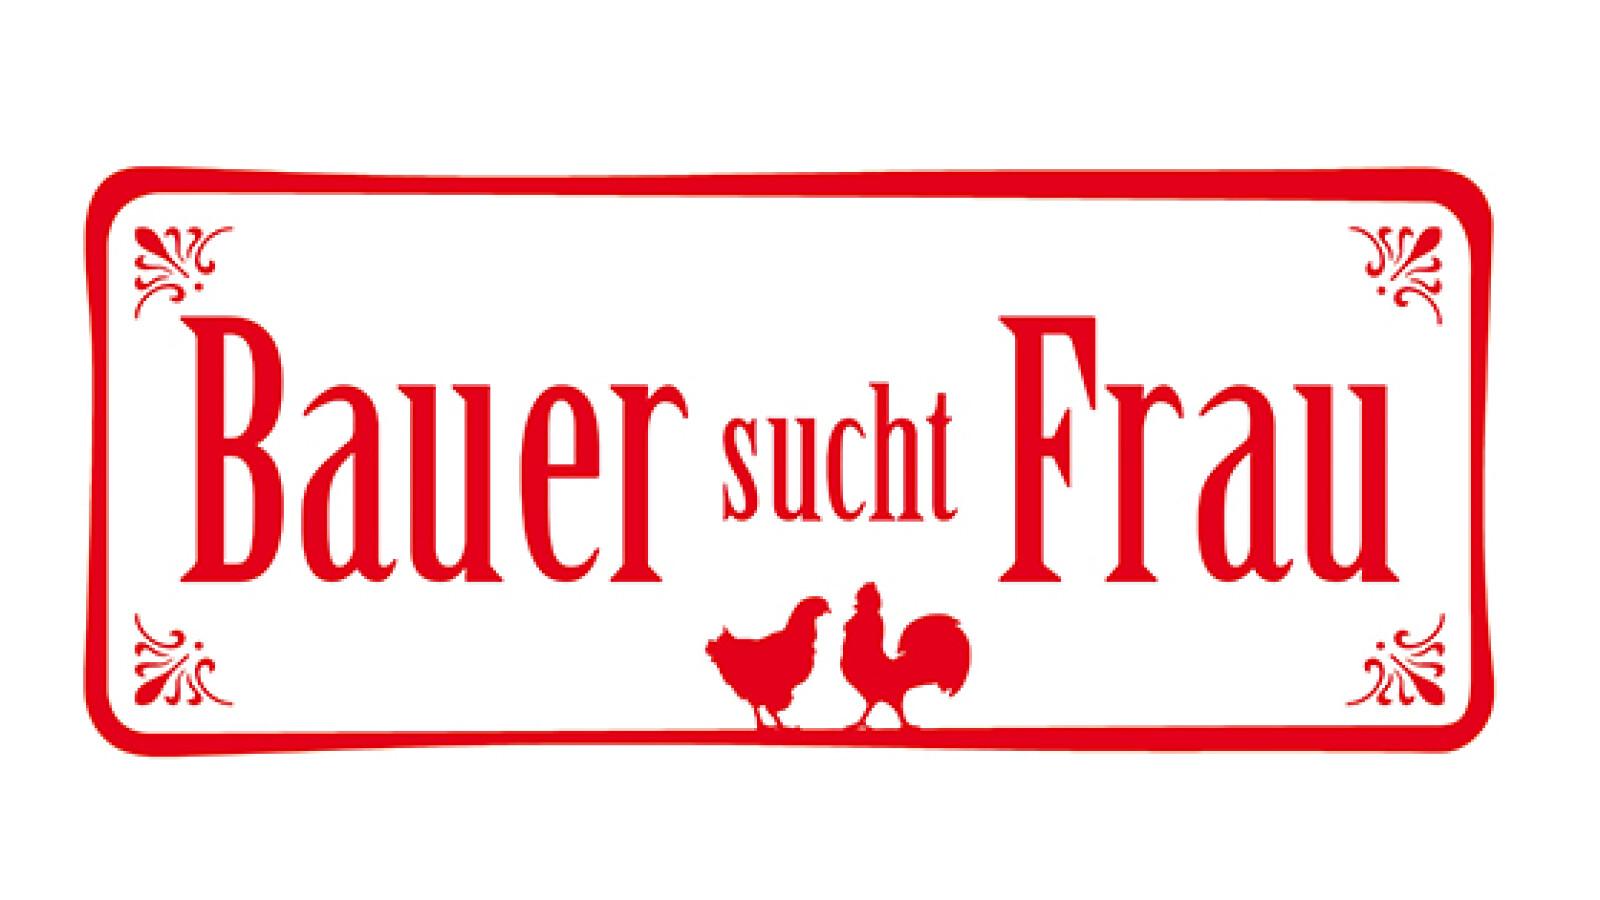 Sucht frau atv bauer sendetermine Bauer sucht